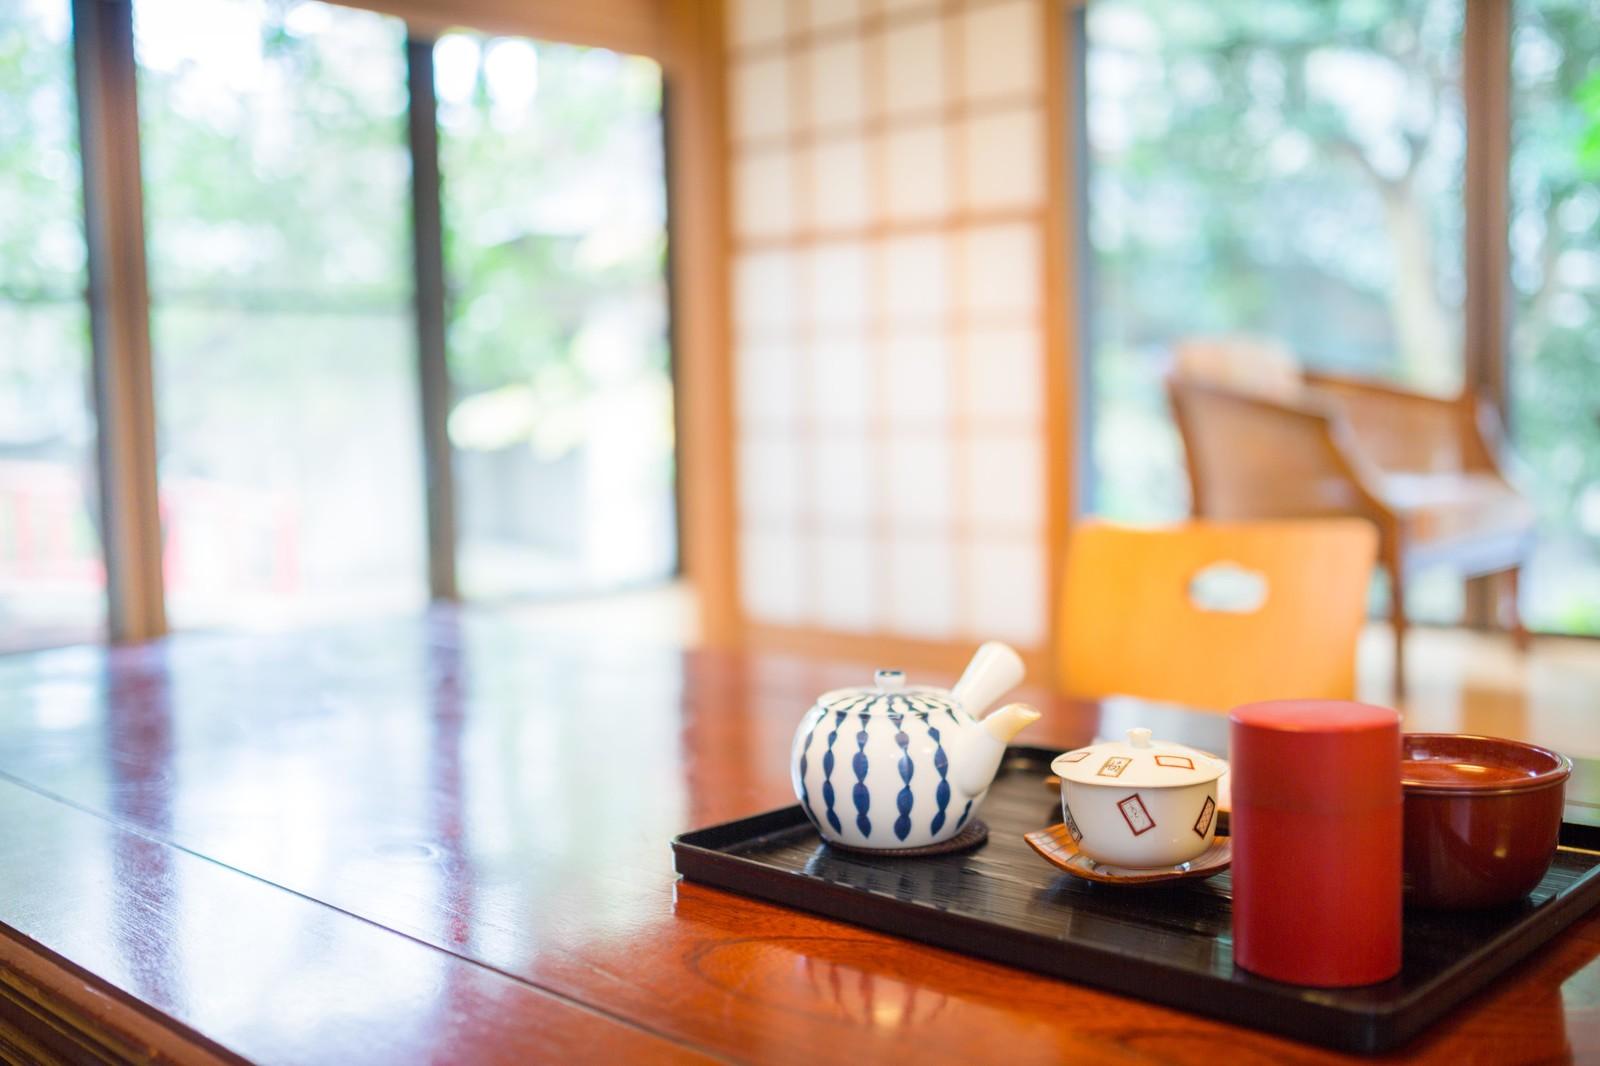 埼玉県北本市近辺のホテル 友達家族が遊びに来た時のためにリストアップしてみた